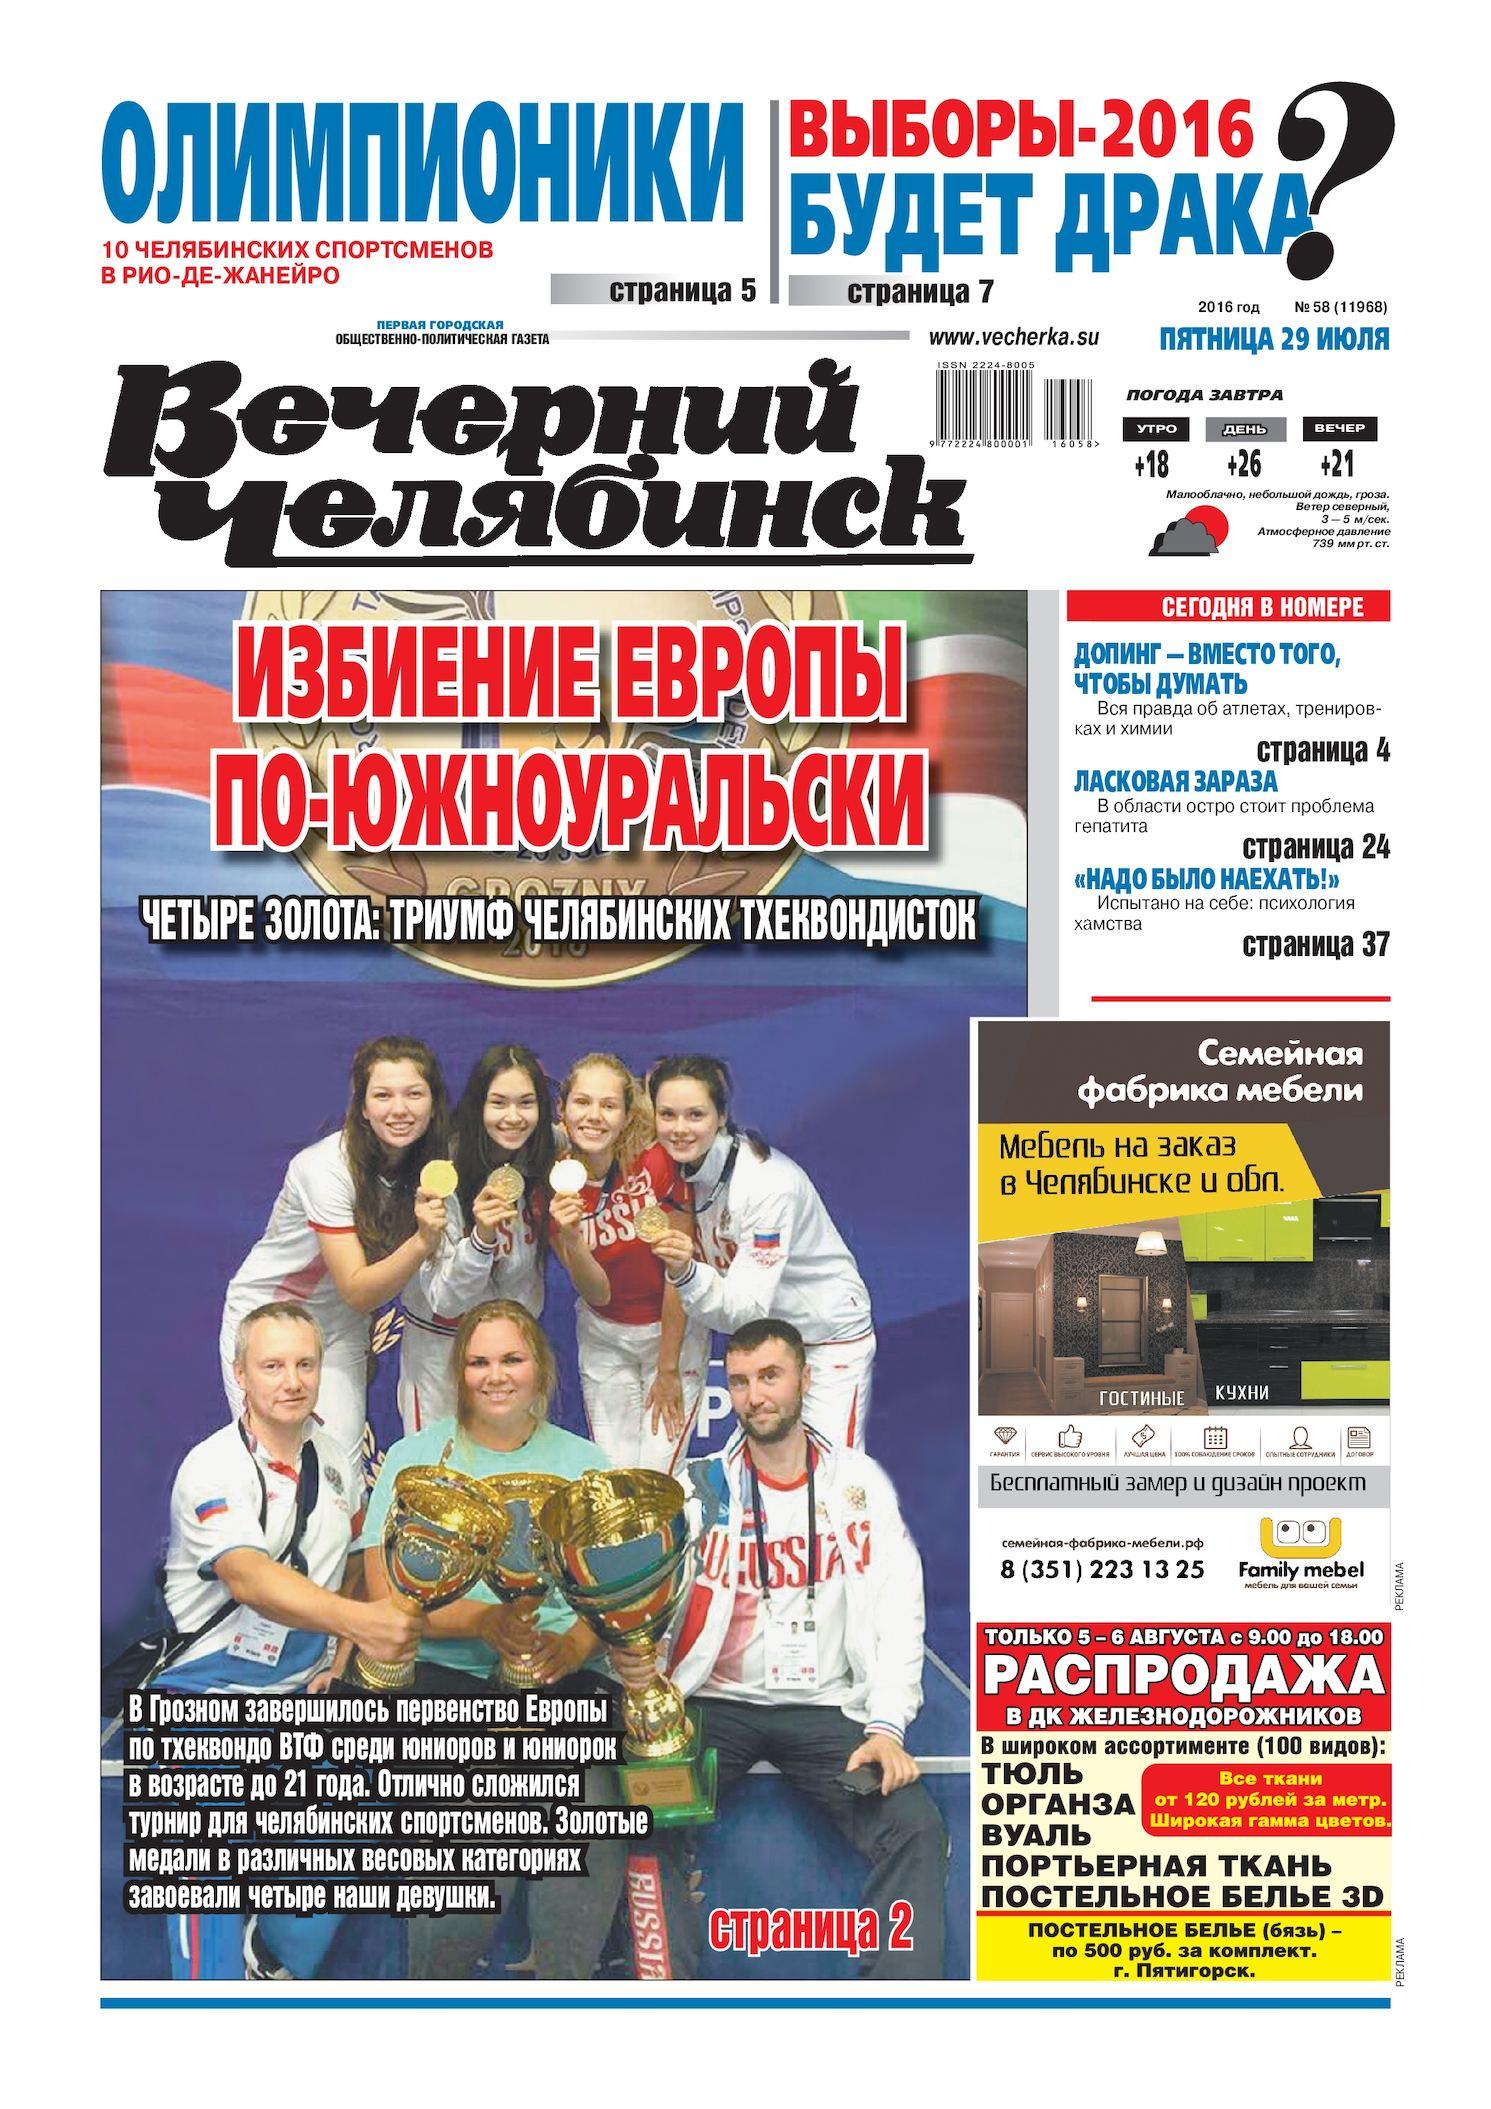 Кредит под залог авто волгоград - Официальный сайт